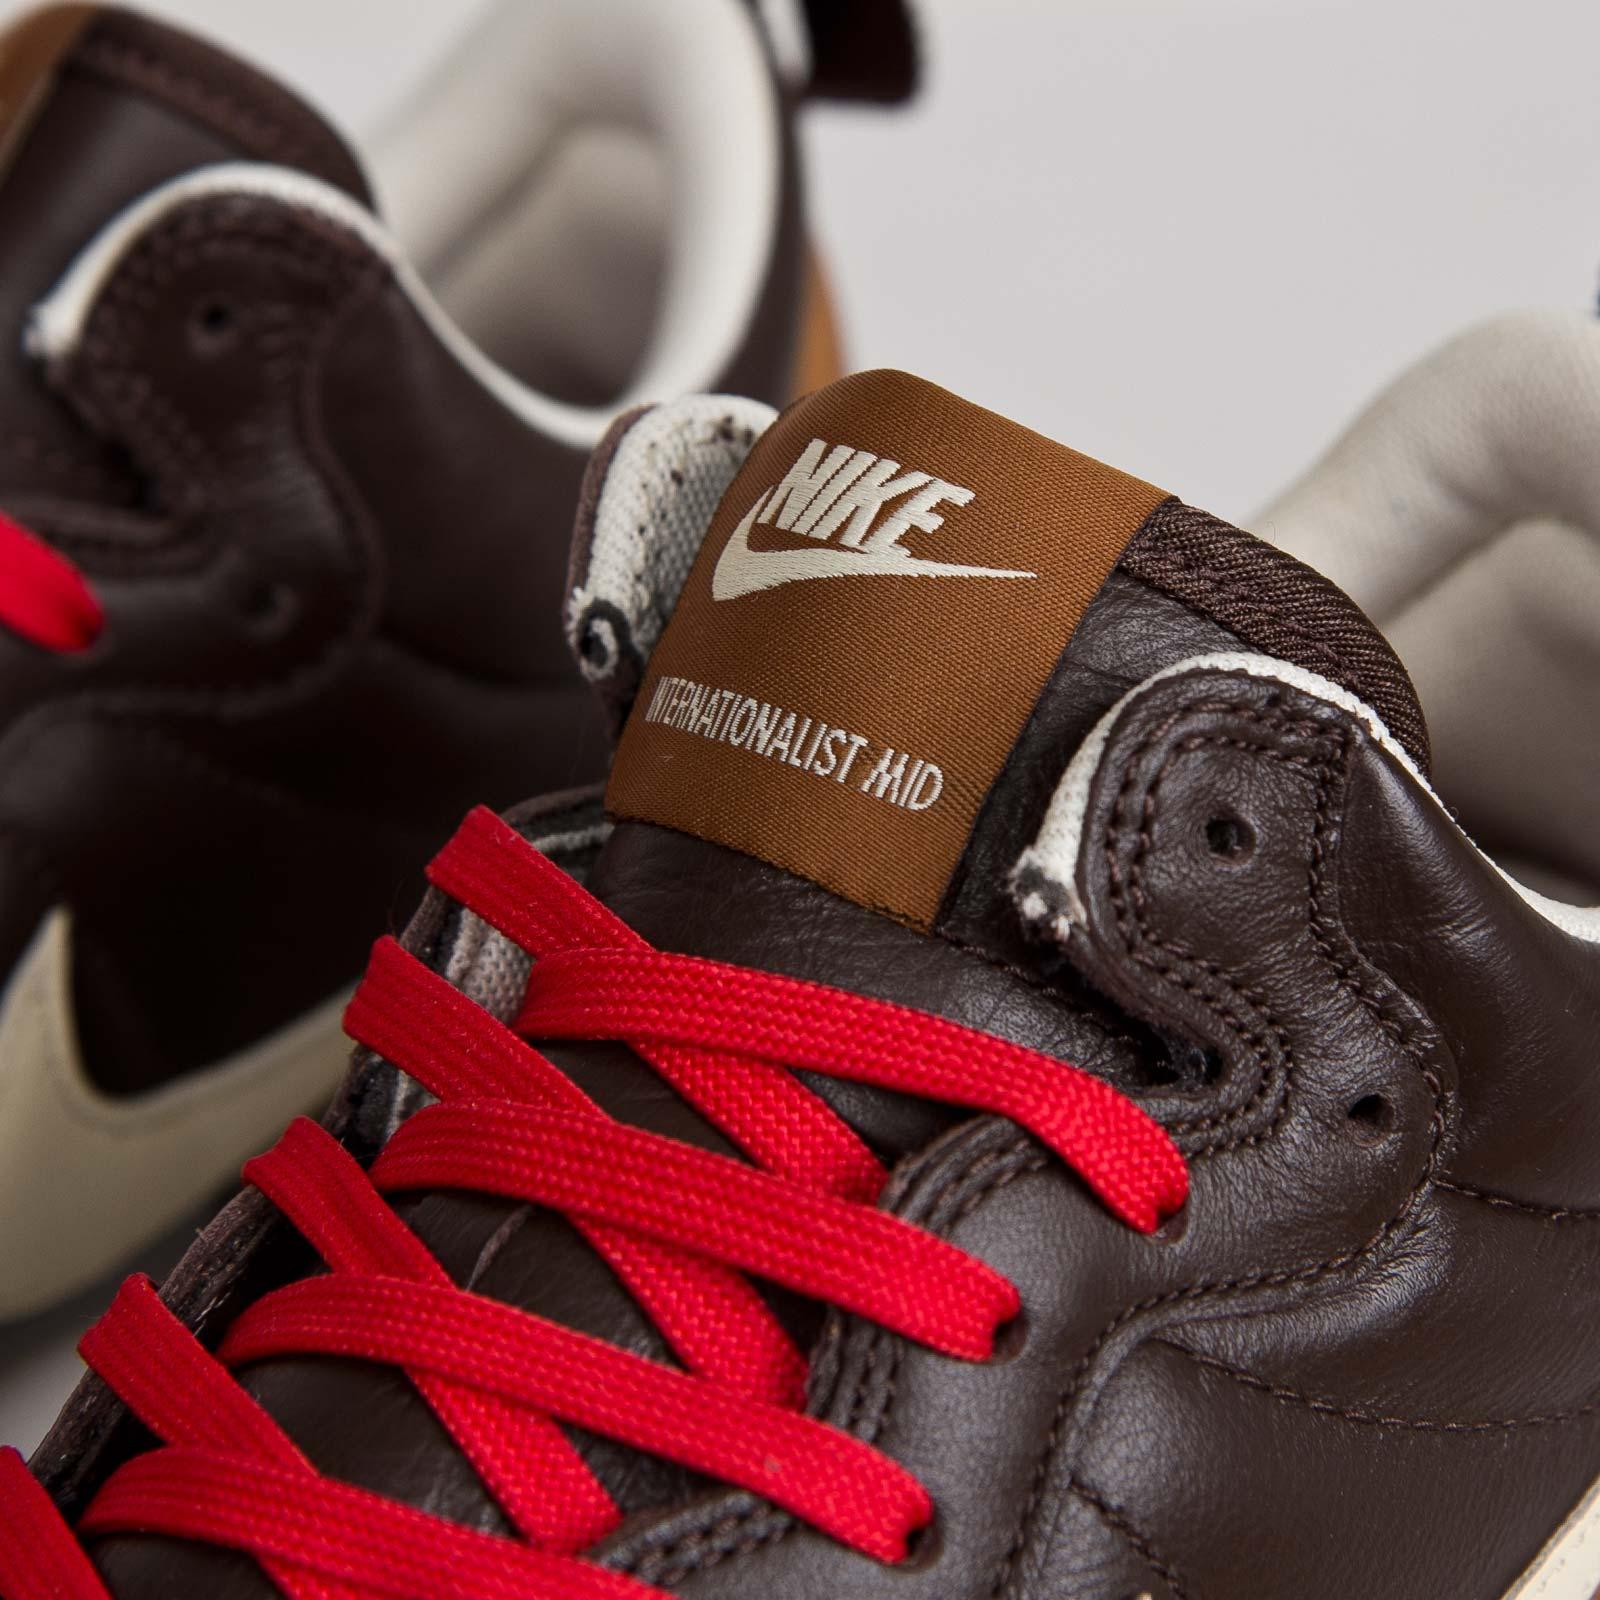 the latest cdc8d 53741 Nike Internationalist Mid Escape QS - 705073-200 - Sneakersnstuff   sneakers    streetwear online since 1999